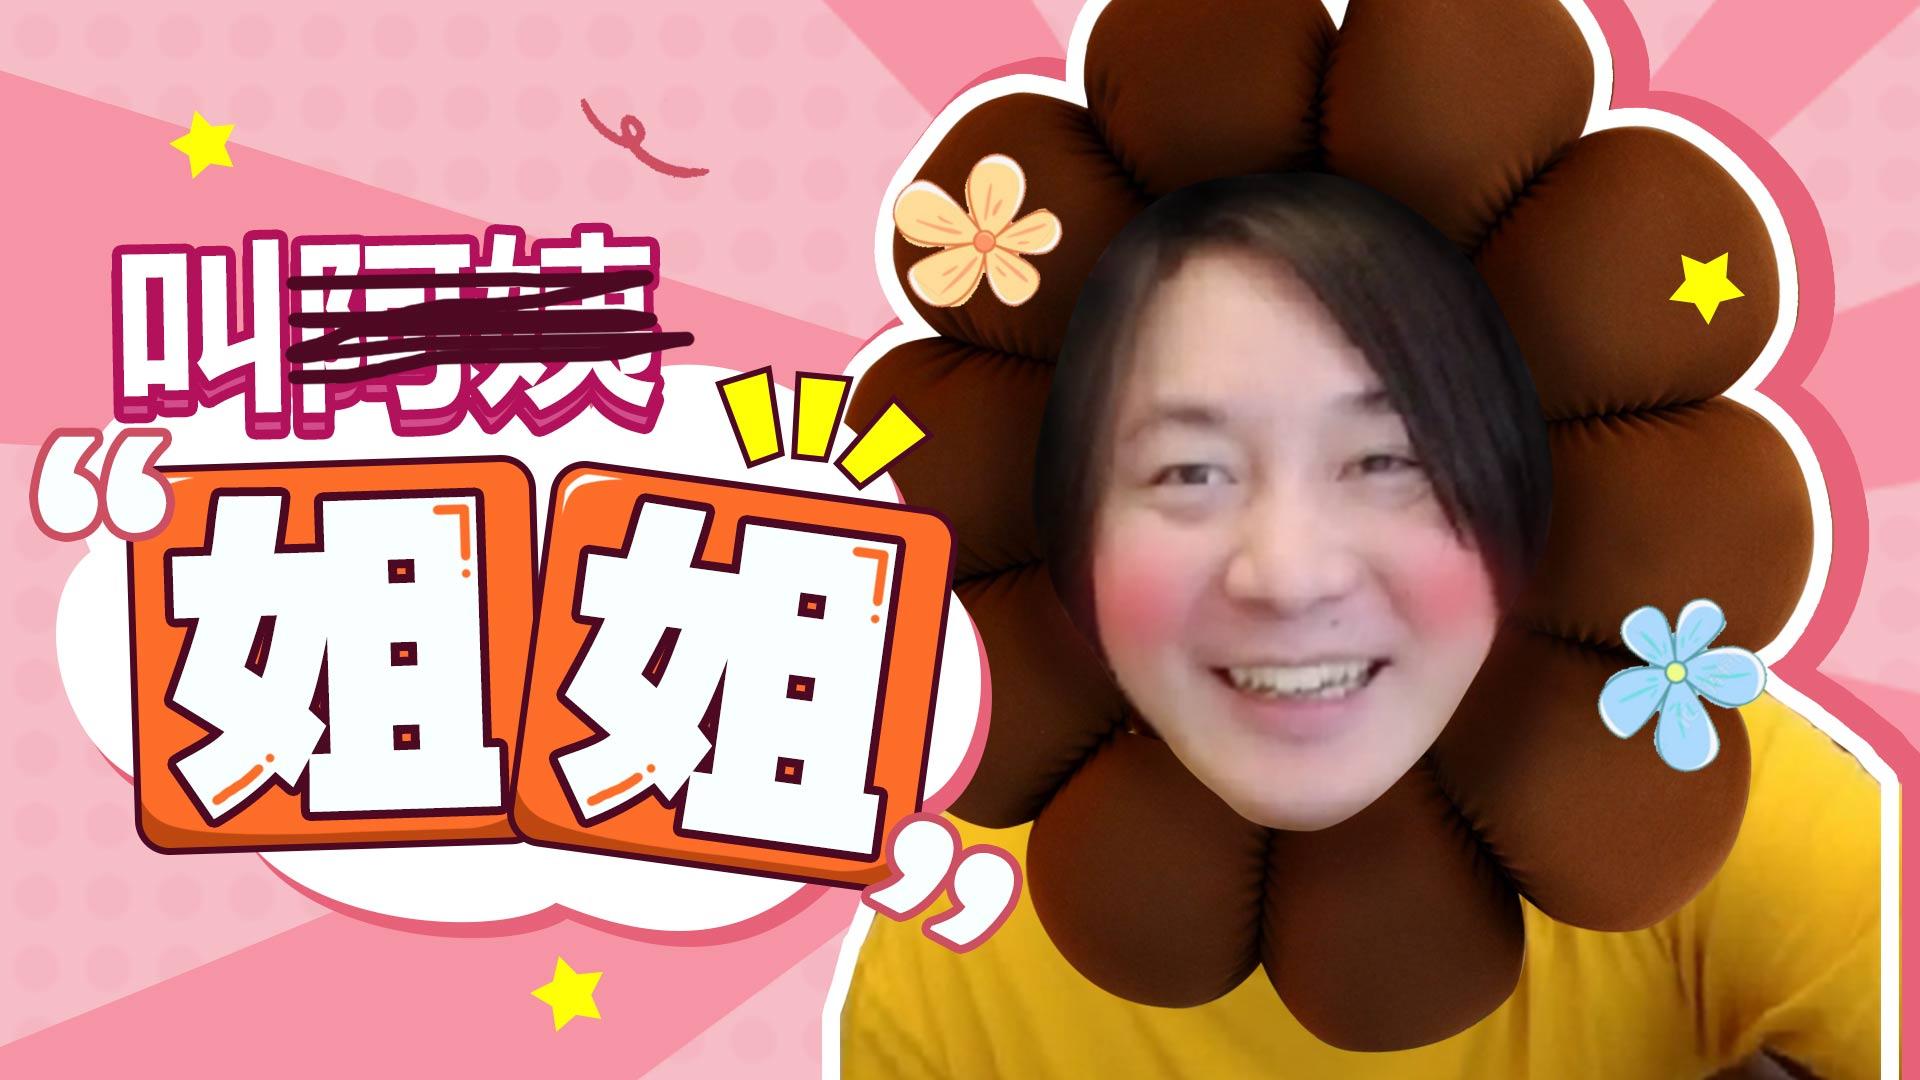 张大仙的搞笑视频合集:40岁怎么能说自己是阿姨呢,姐姐!